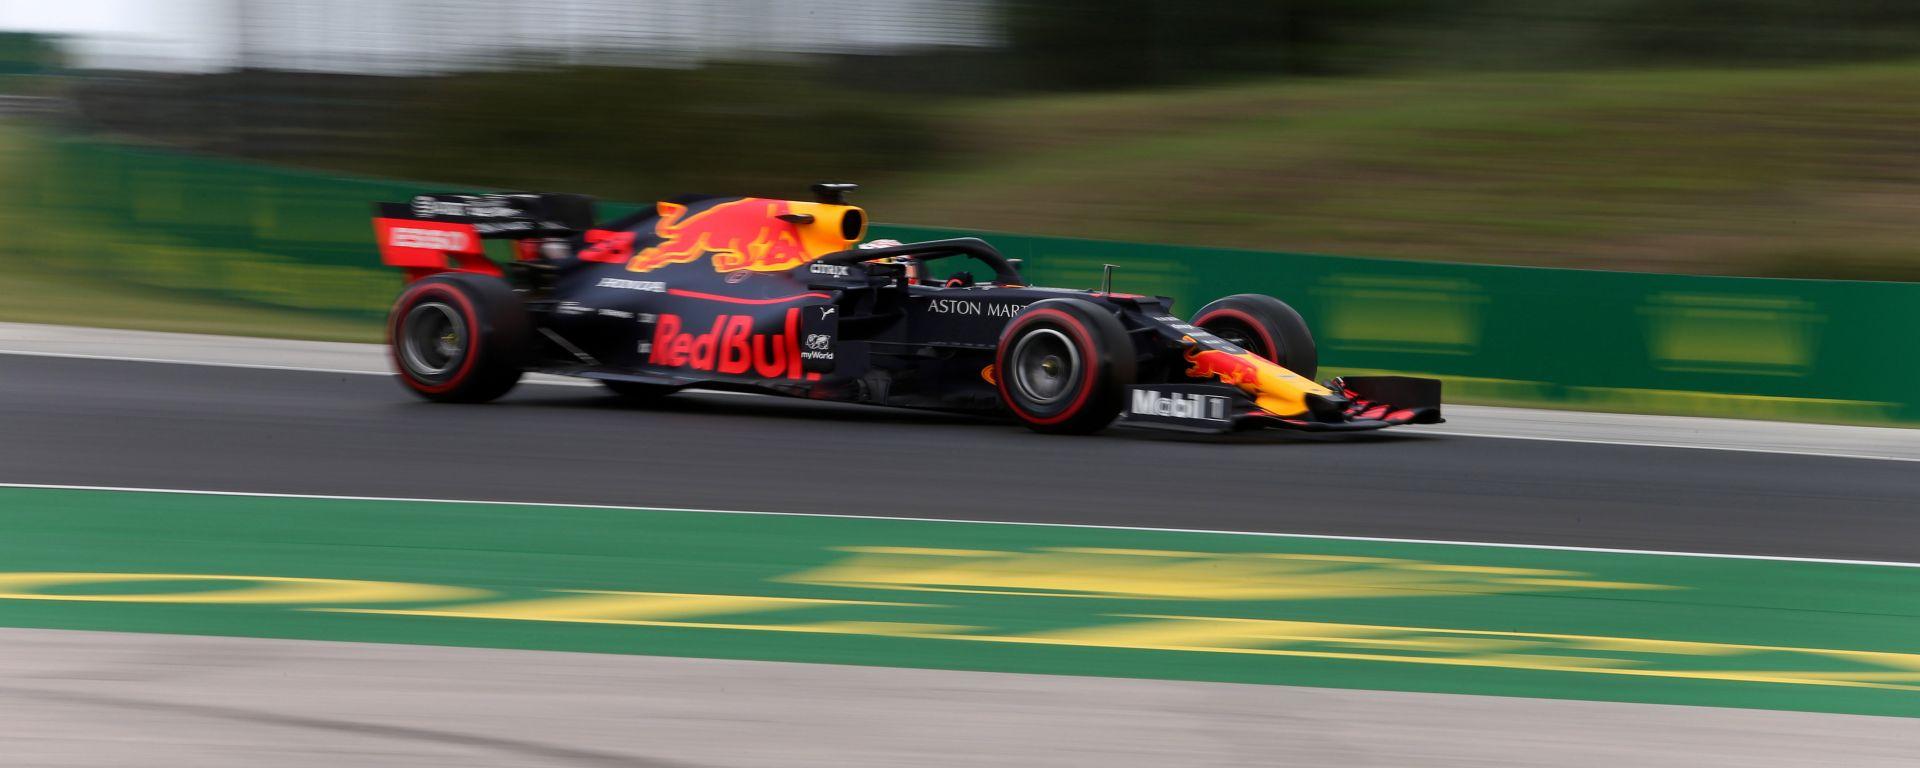 F1 GP Ungheria 2019, Budapest: Max Verstappen (Red Bull) è in pole position per la prima volta in carriera